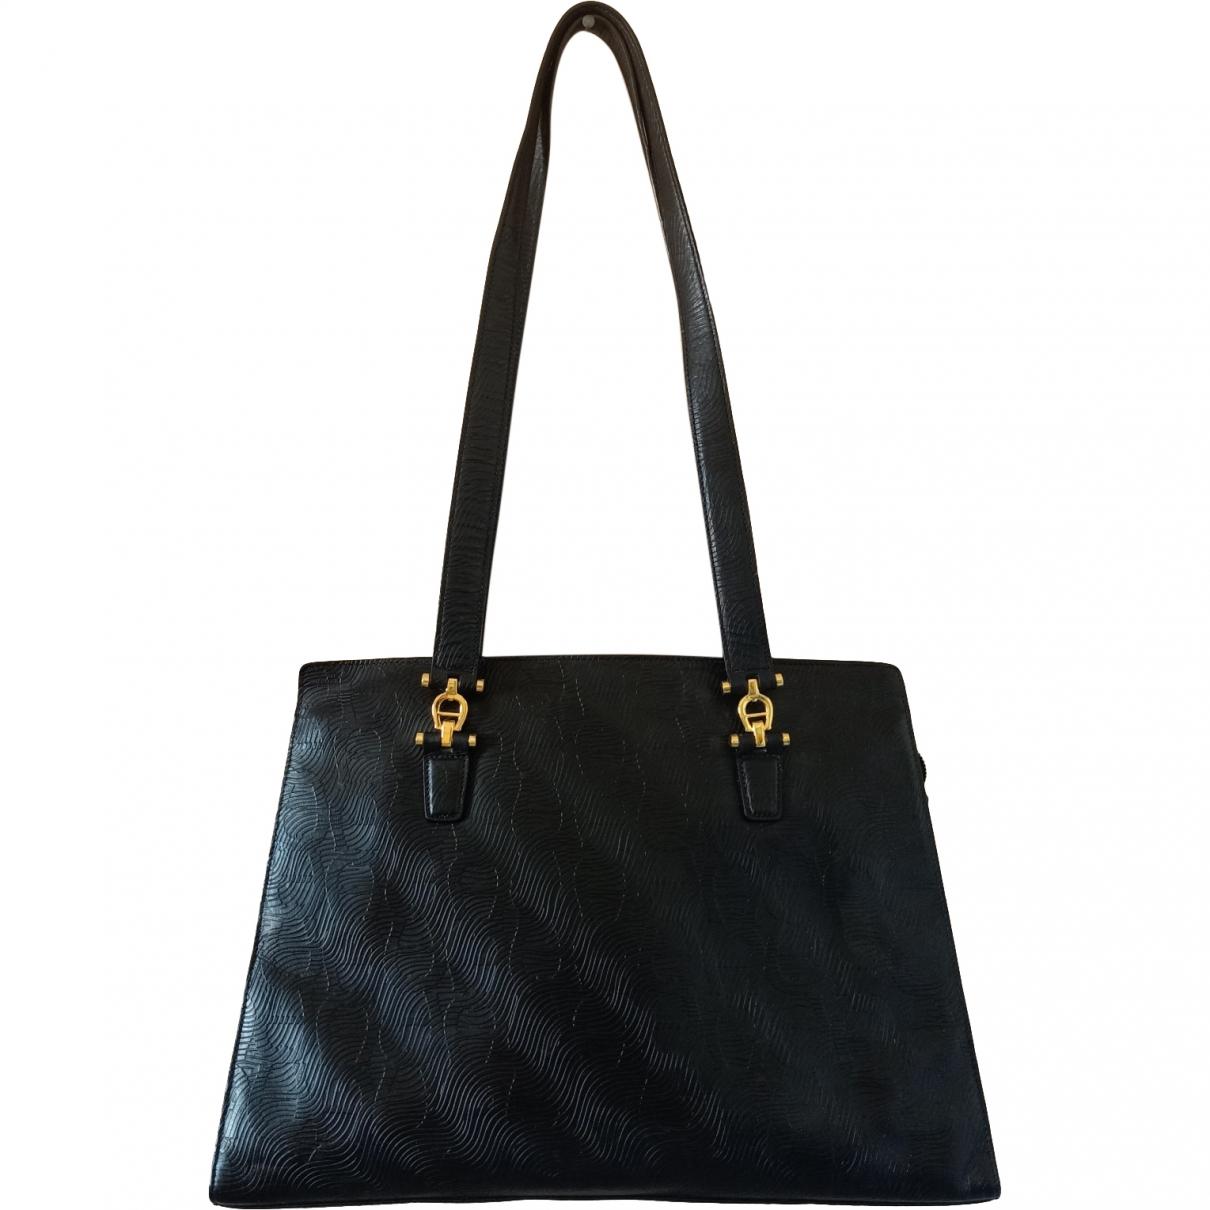 Aigner \N Black Leather handbag for Women \N